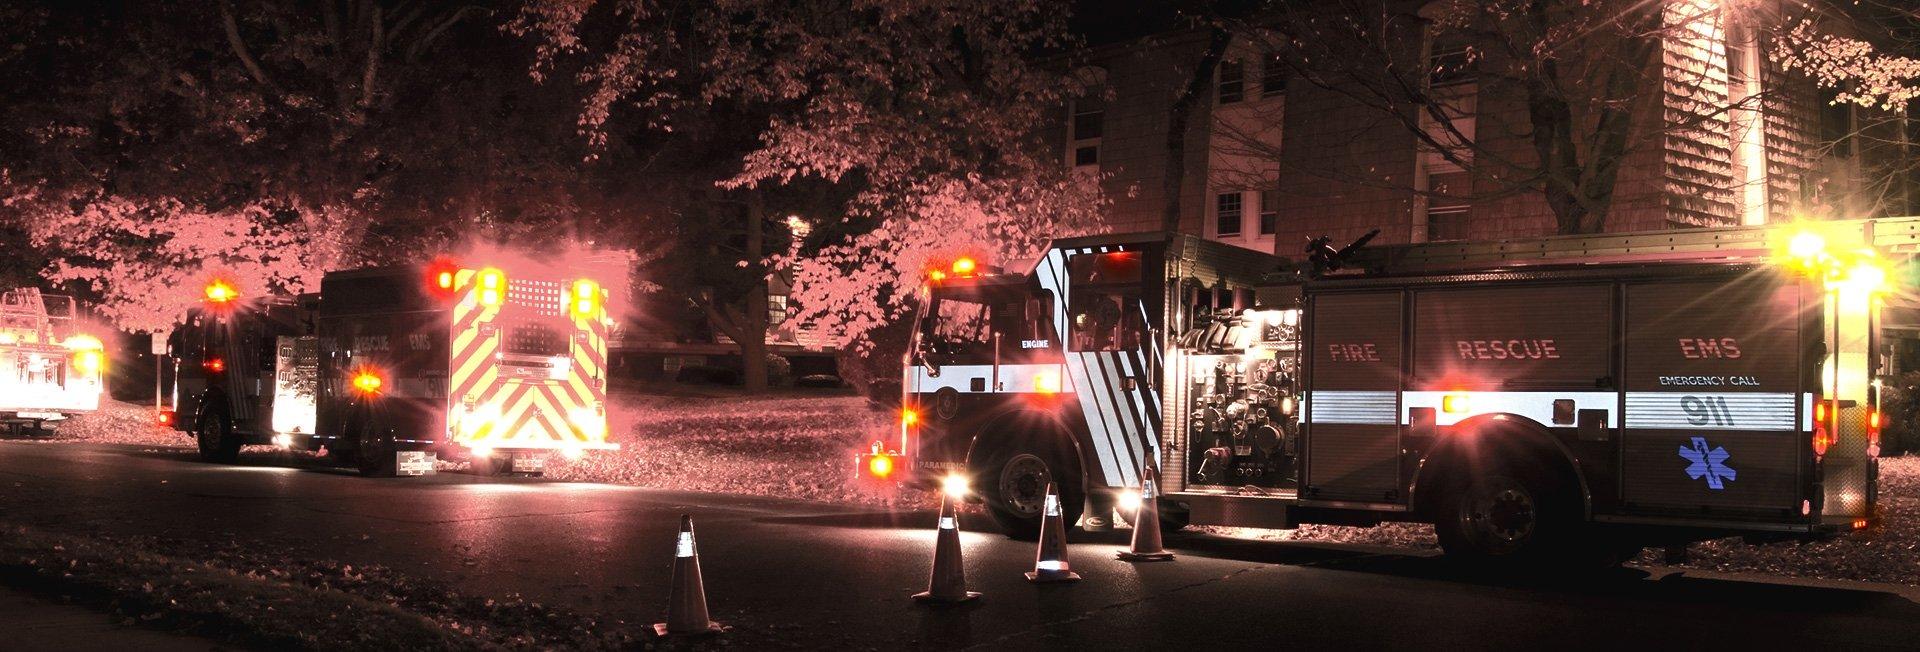 Fire Truck/Rescue